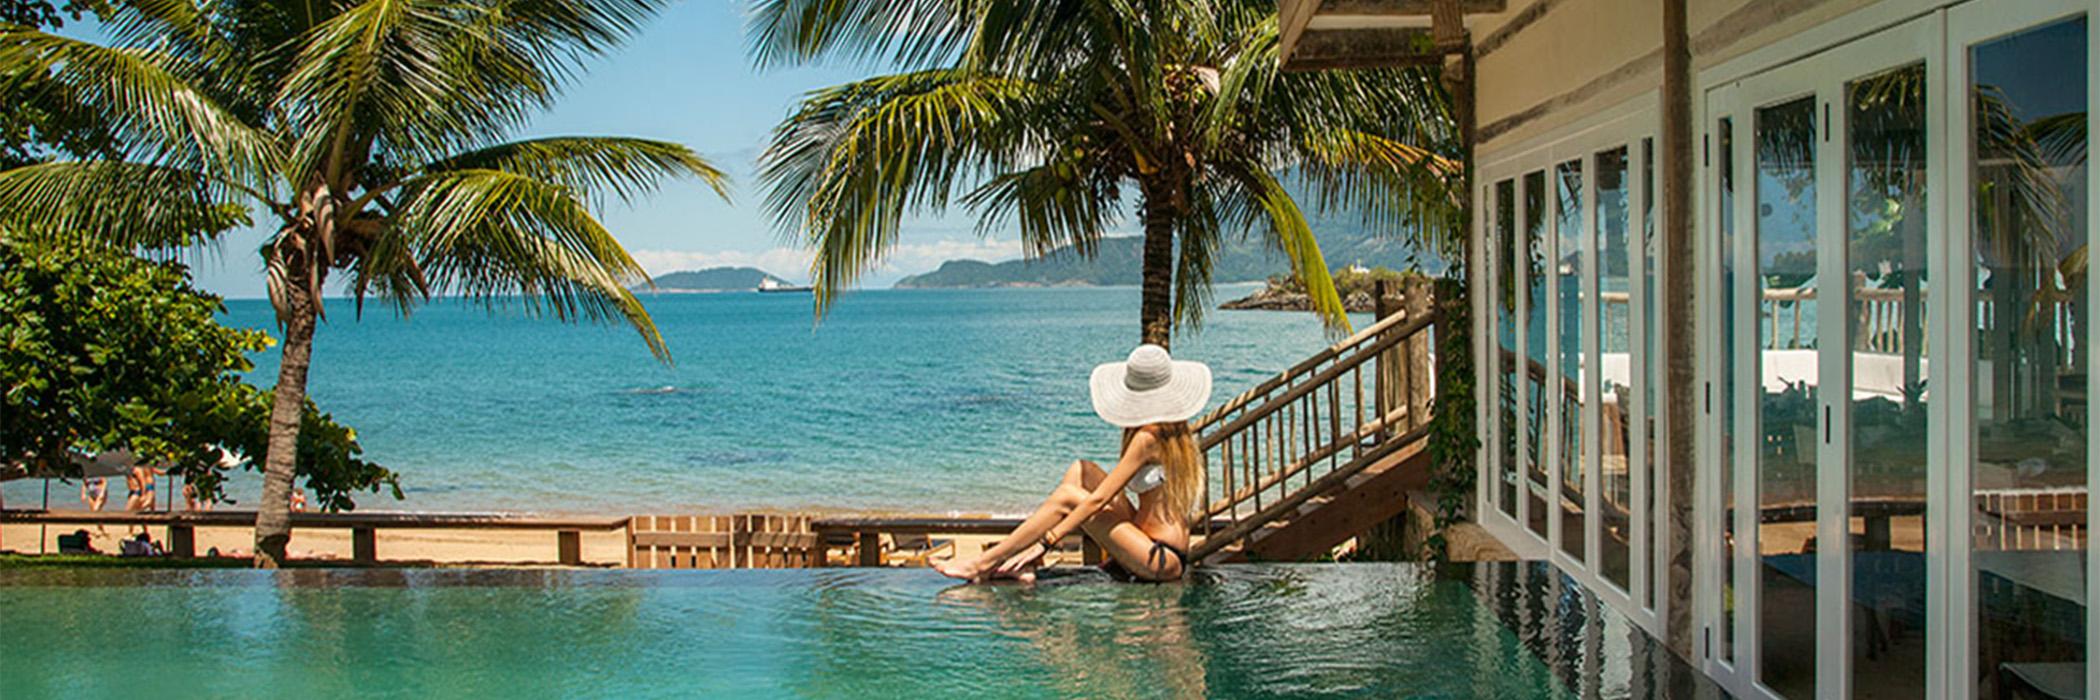 TW GUAIMBÊ EXCLUSIVE SUITES HOTEL = mulher sentada na piscina de chapeu